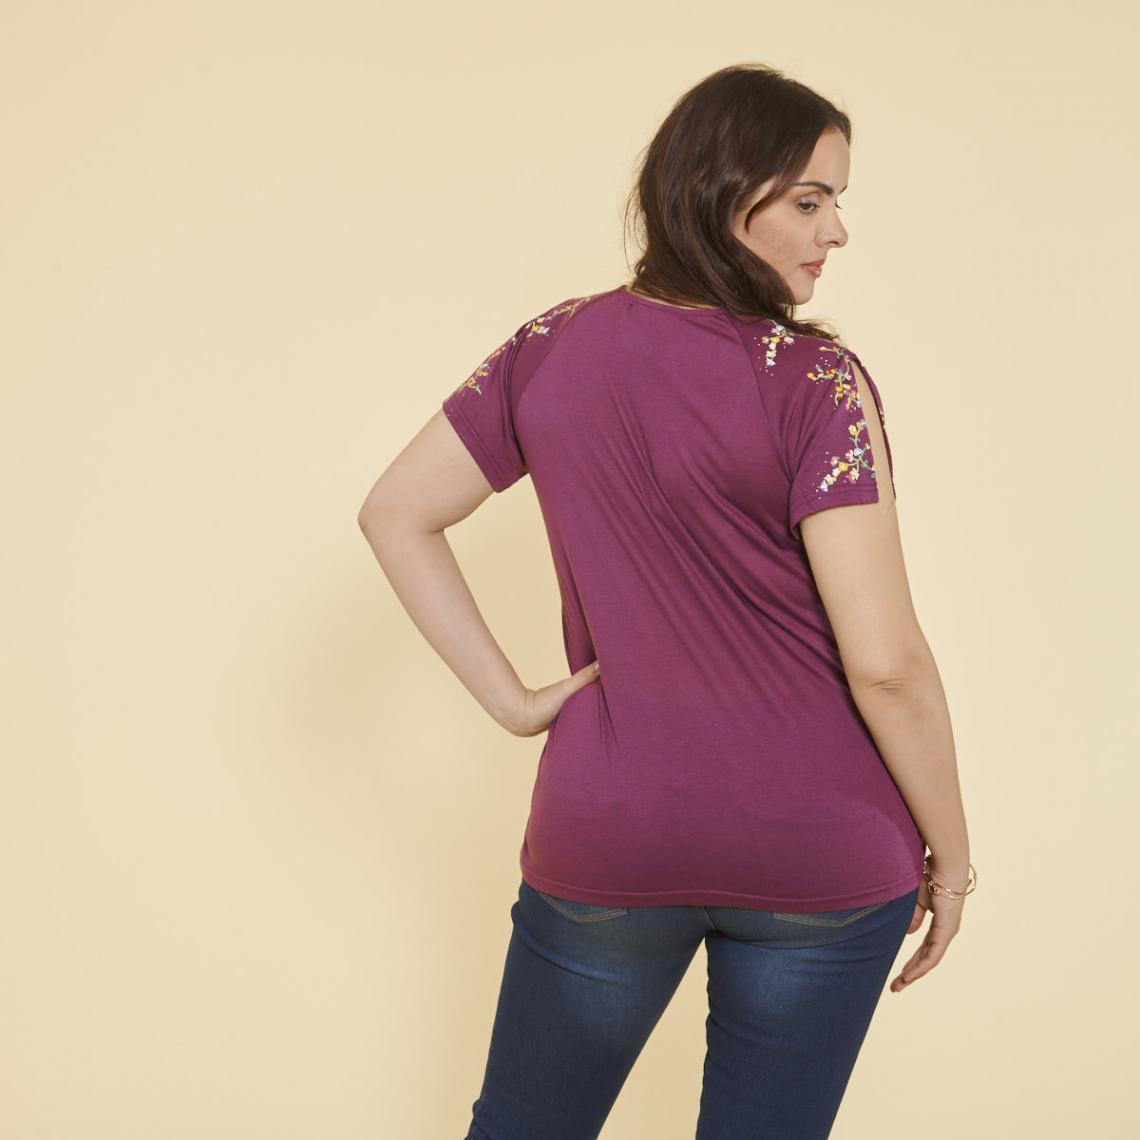 aa72ffb8415 Tee-shirt imprimé manches courtes fendues femme - Prune